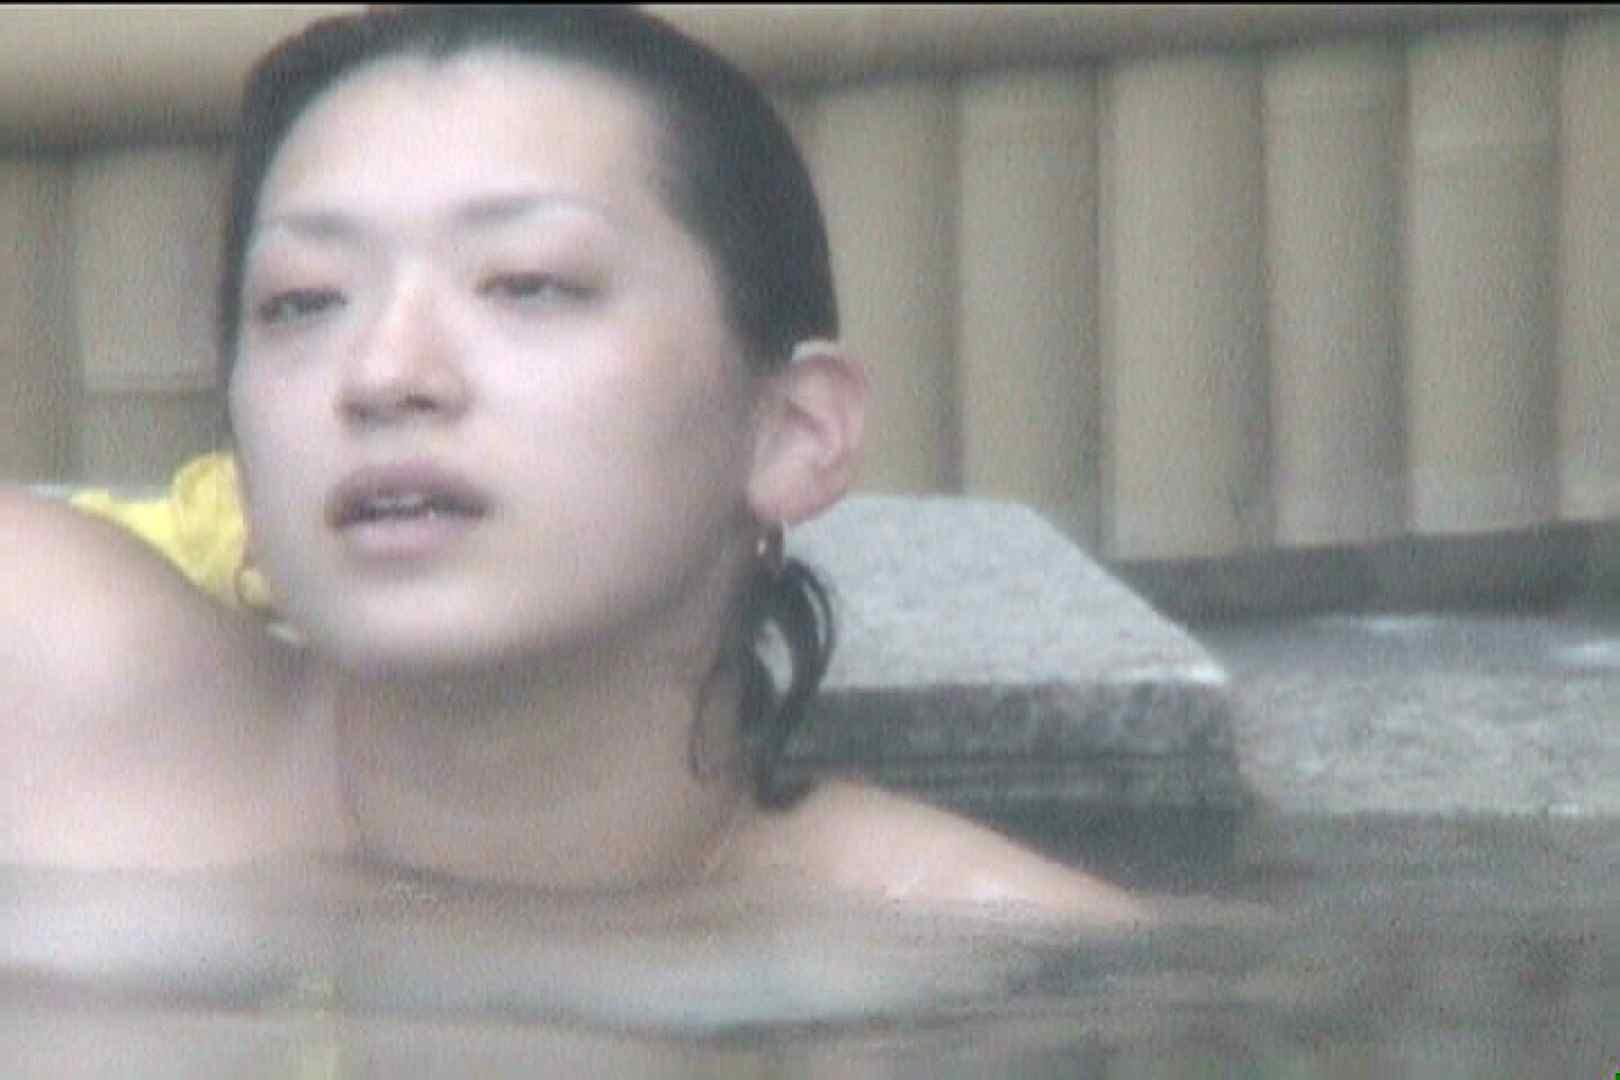 Aquaな露天風呂Vol.102 女体盗撮  54連発 45